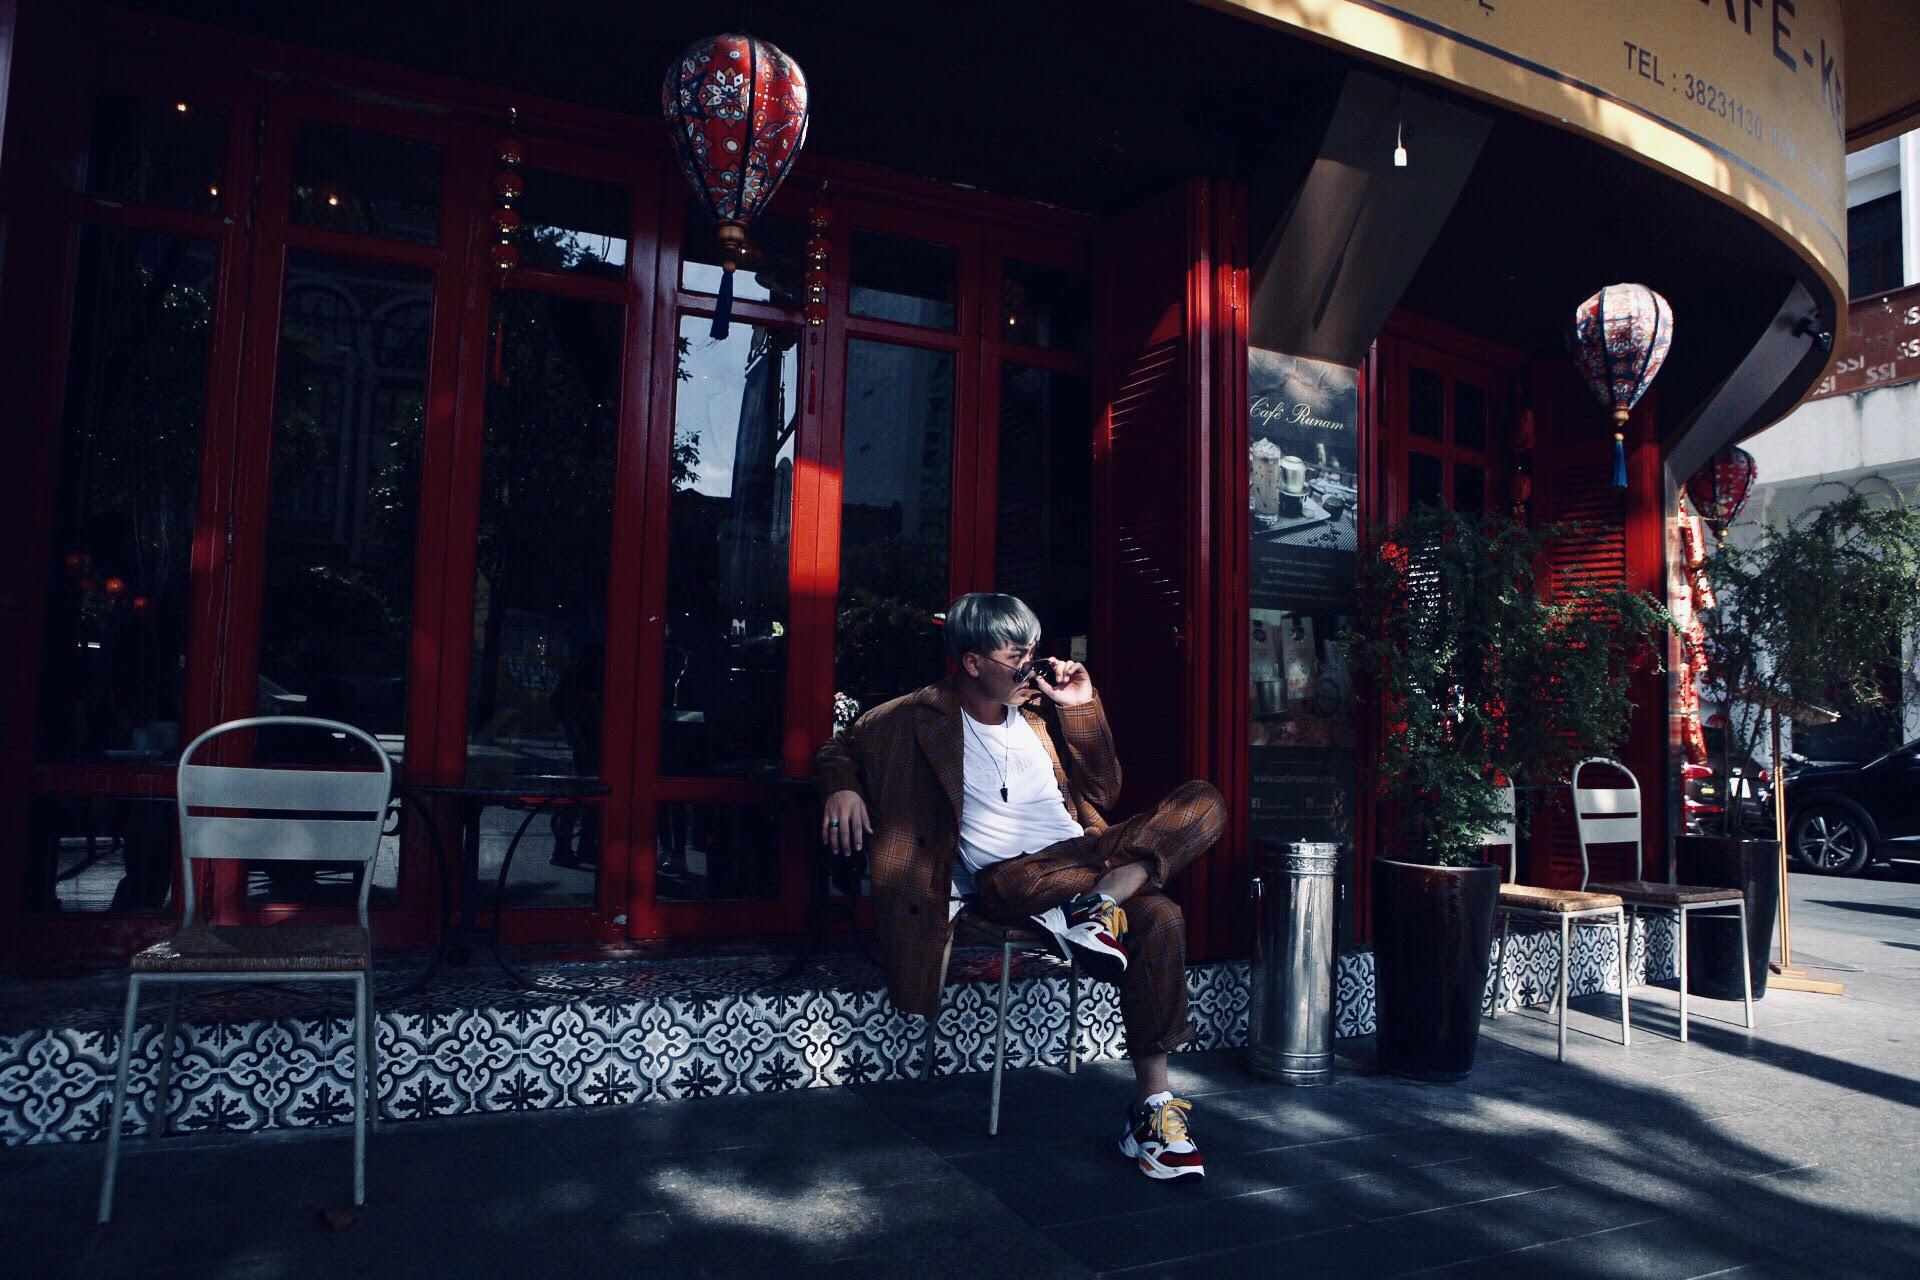 """Ca sĩ trẻ Dương Phúc Lâm: """"Tôi từng tự ti, mặc cảm về ngoại hình xấu khiến bản thân không dám đứng trên sân khấu"""""""